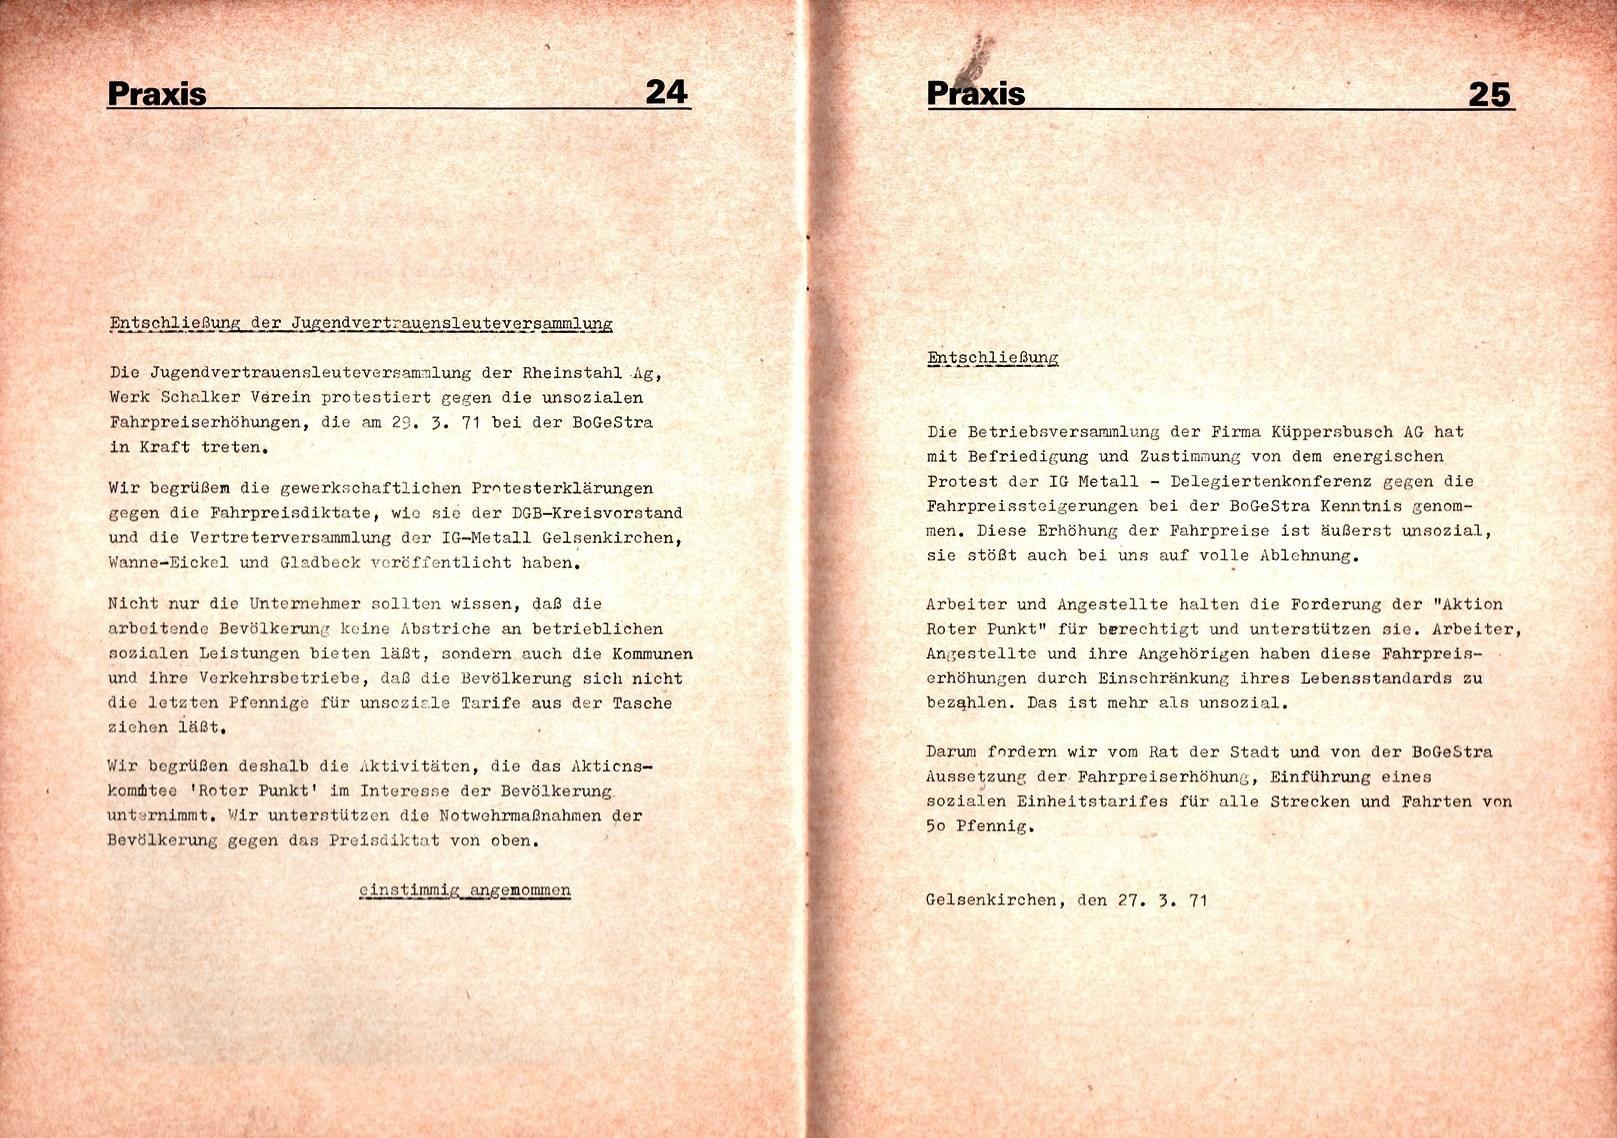 DKP_Praxis_1971_04_013